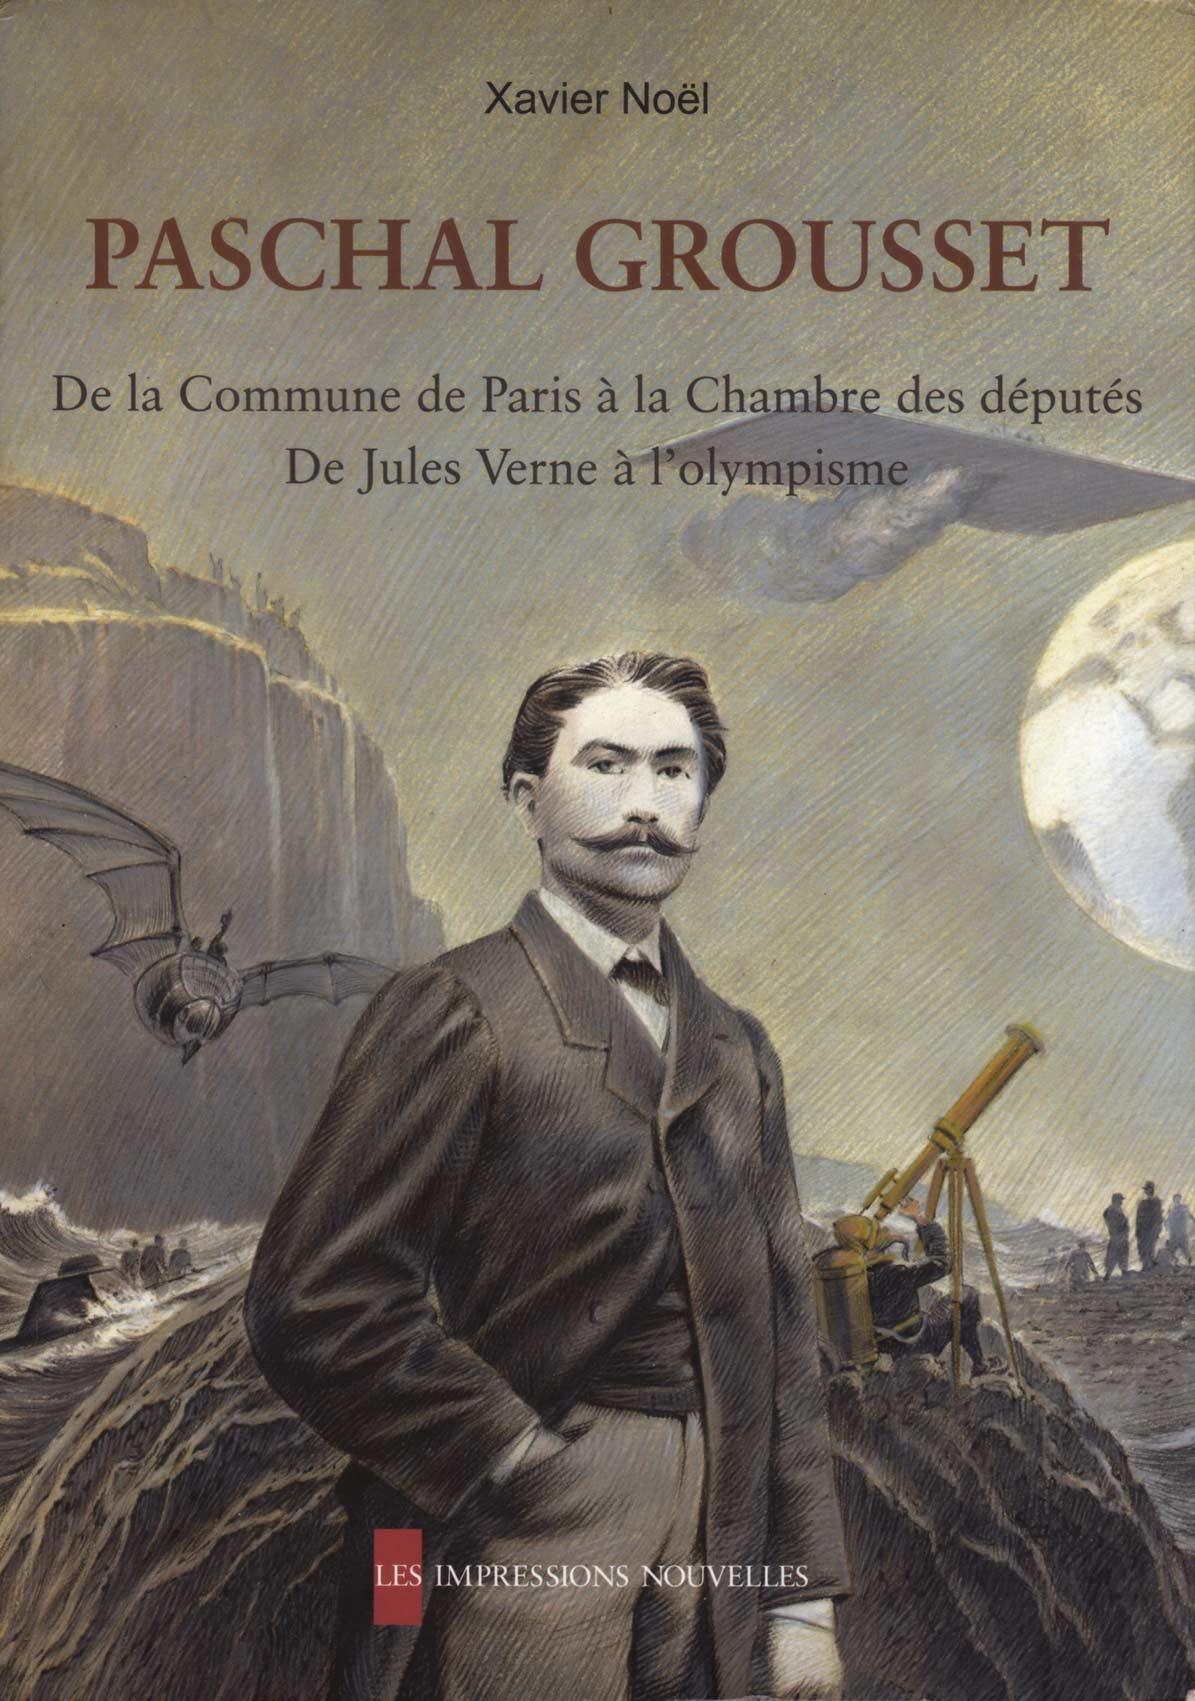 Xavier Noël, Paschal Grousset, Les Impressions Nouvelles, 2010